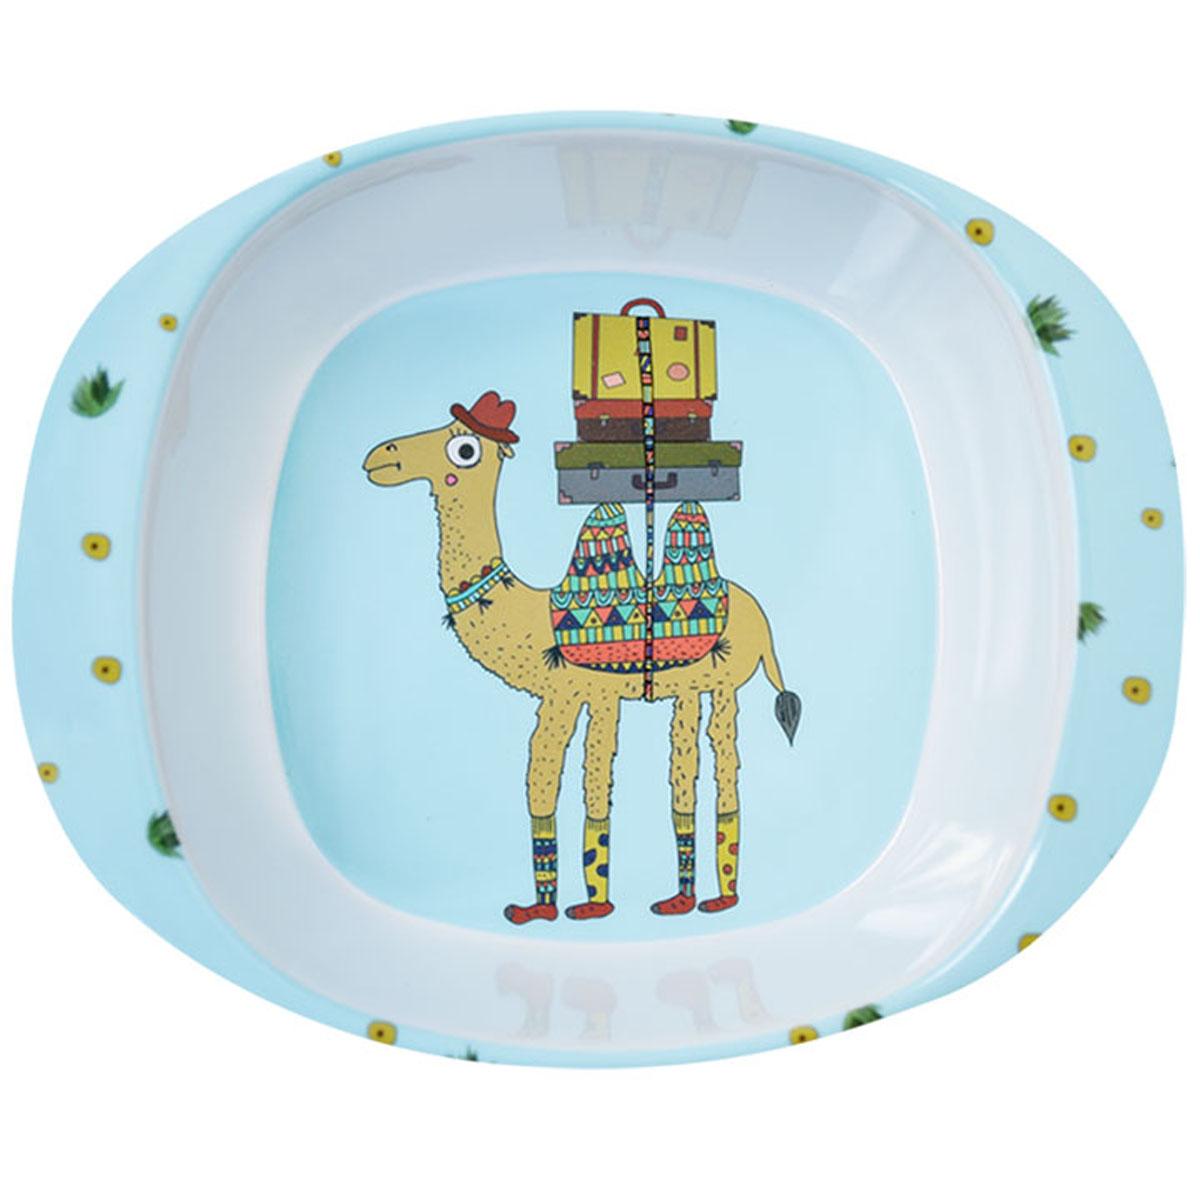 Assiette bébé mélamine \'Saperlipopette\' bleu (chameau Joe) - 165x135x42 cm - [R0642]